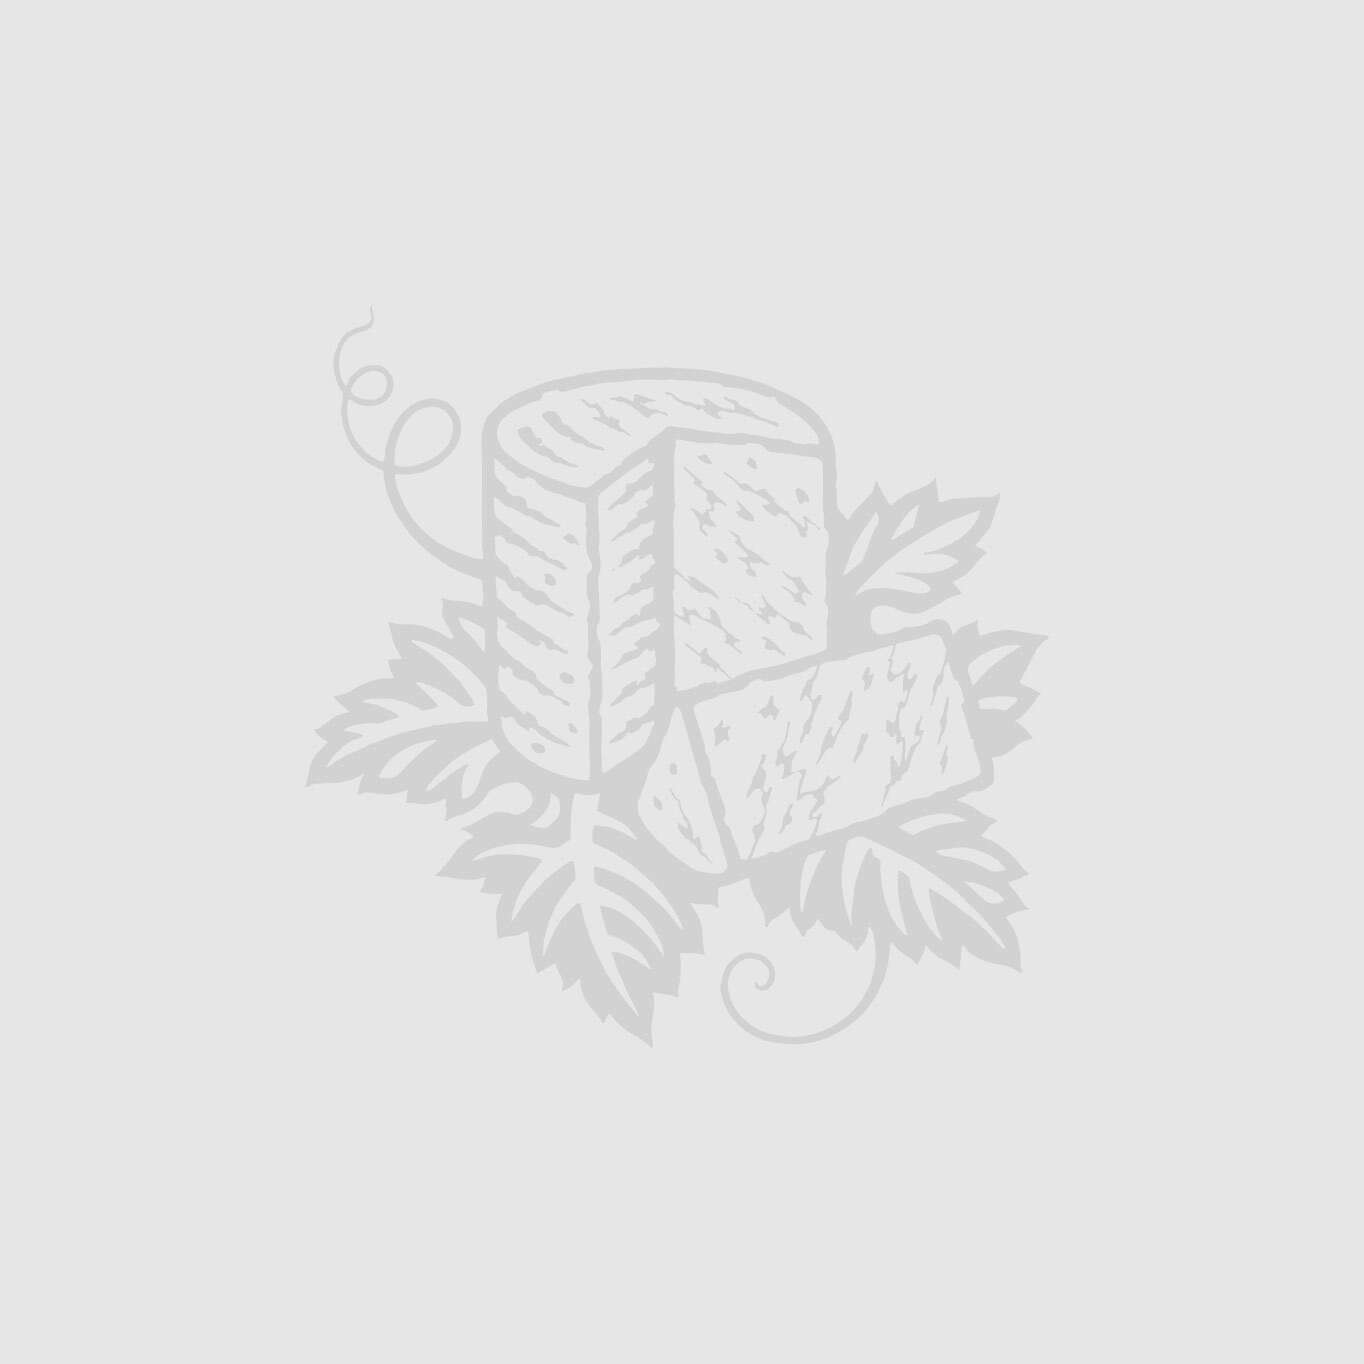 Chateauneuf du Pape Domaine Monpertuis 2017